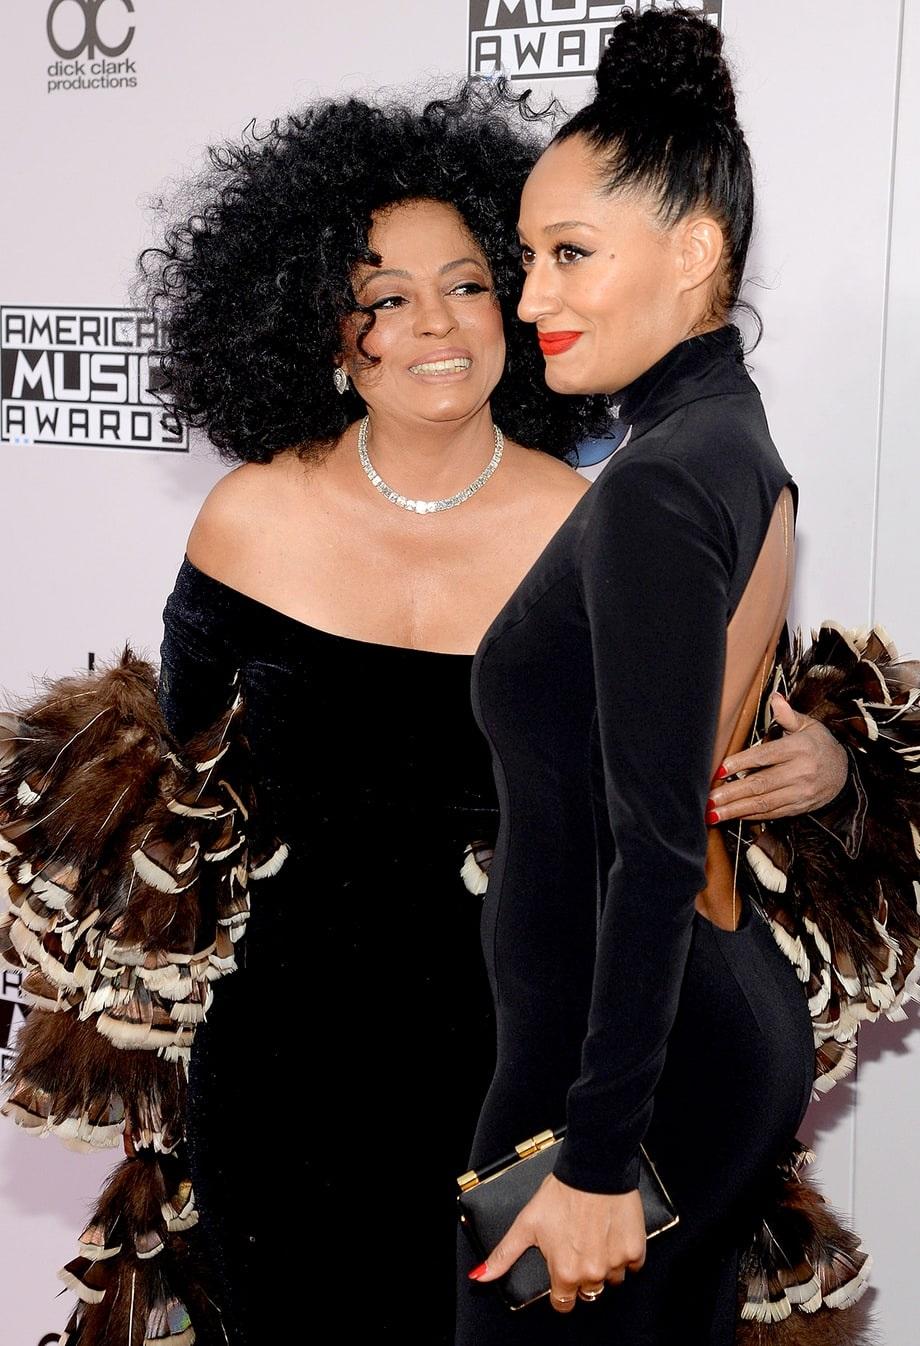 Nữ danh ca Diana Ross (trái) và con gái.